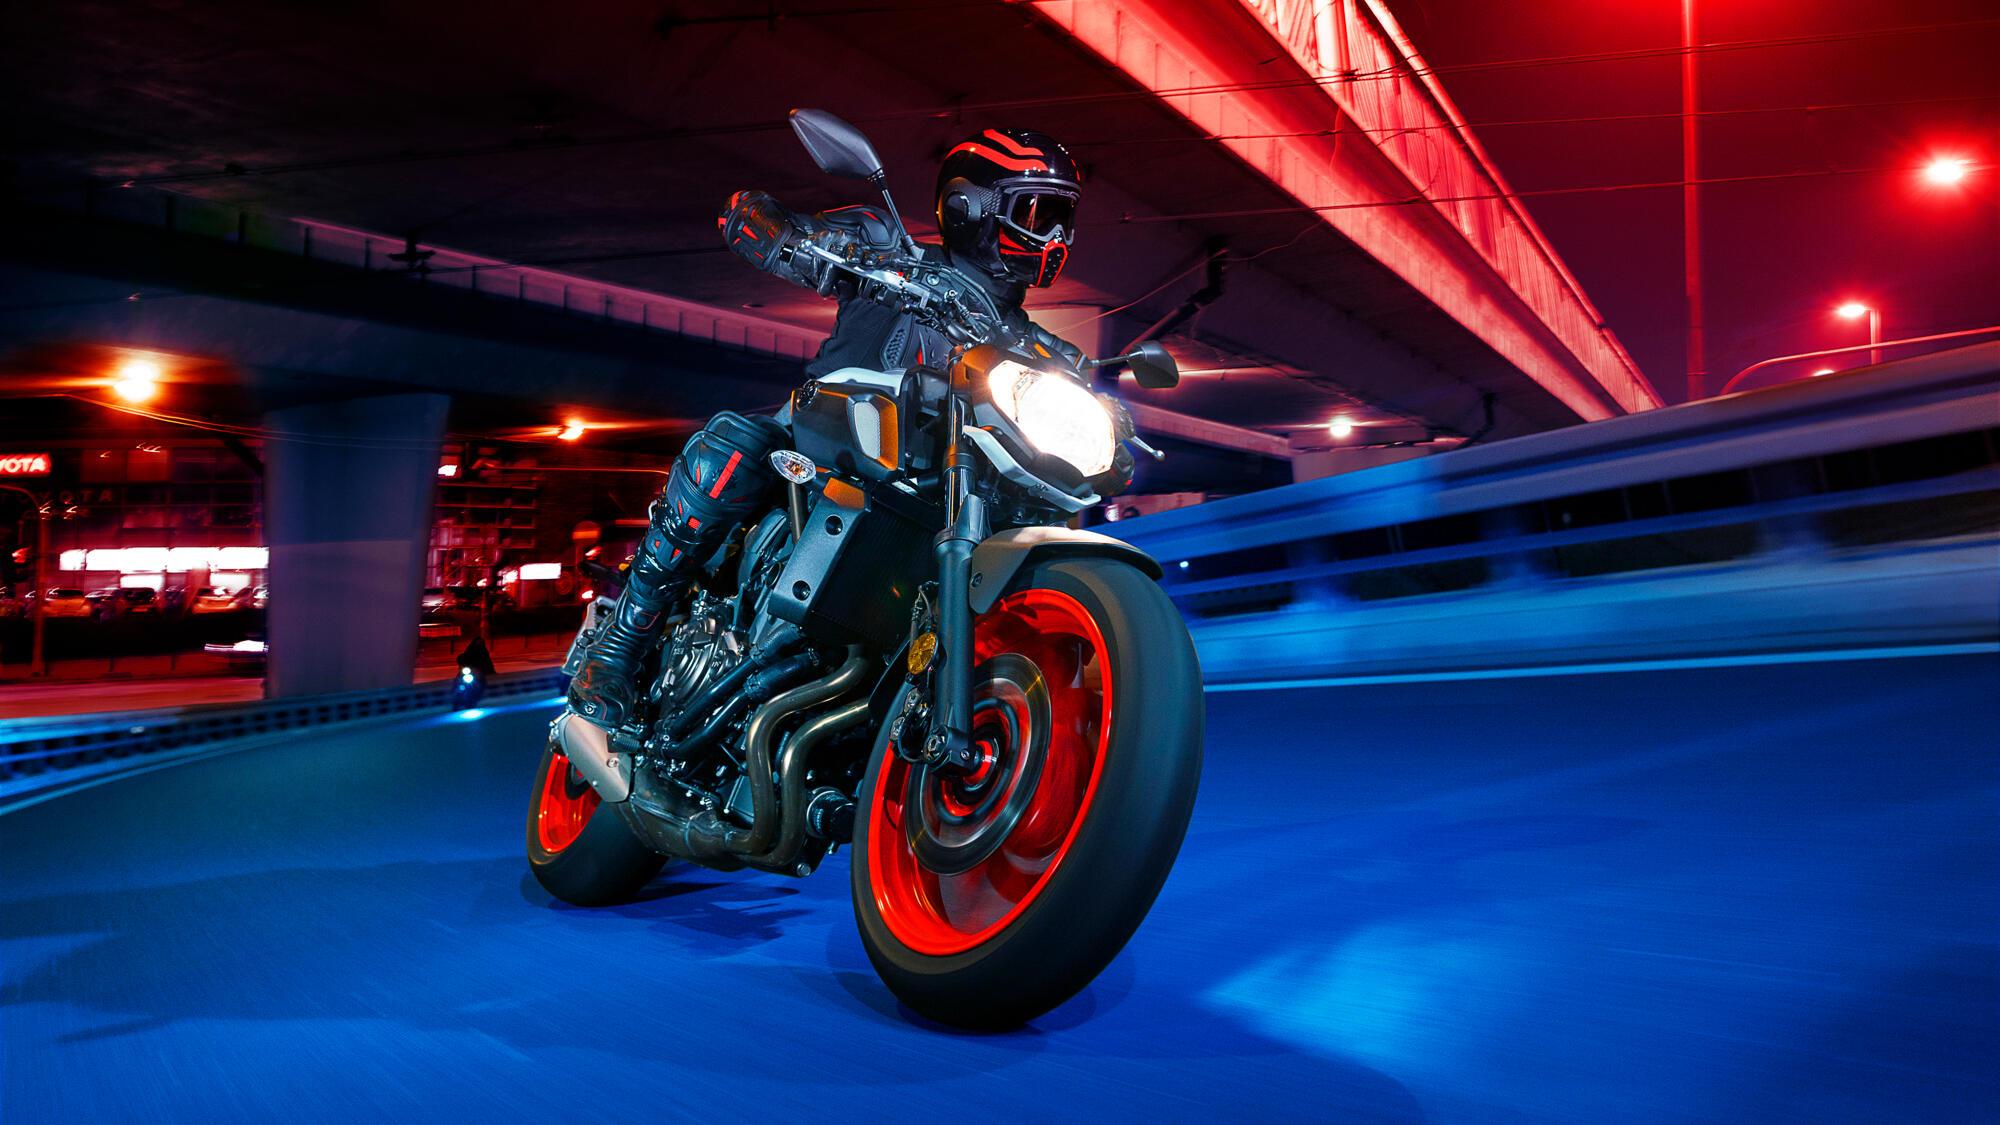 Moto Permis A2 300 Cm Ou Moto Bridee 47 Chevaux Comment Choisir